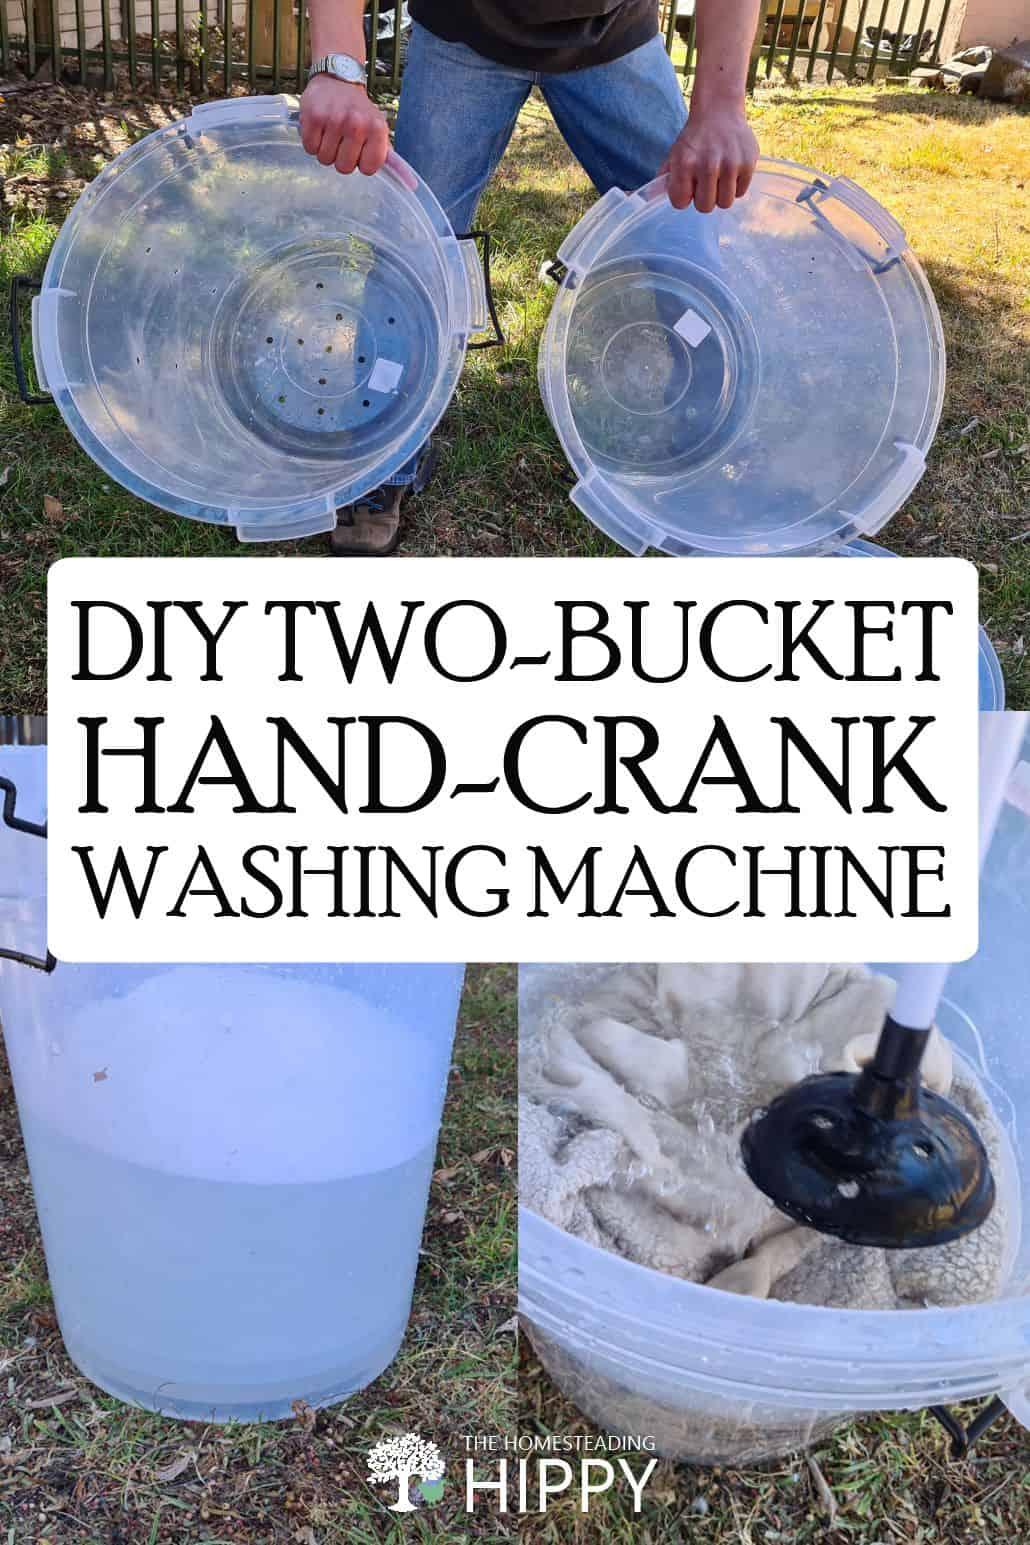 hand-crank washing machine pin image